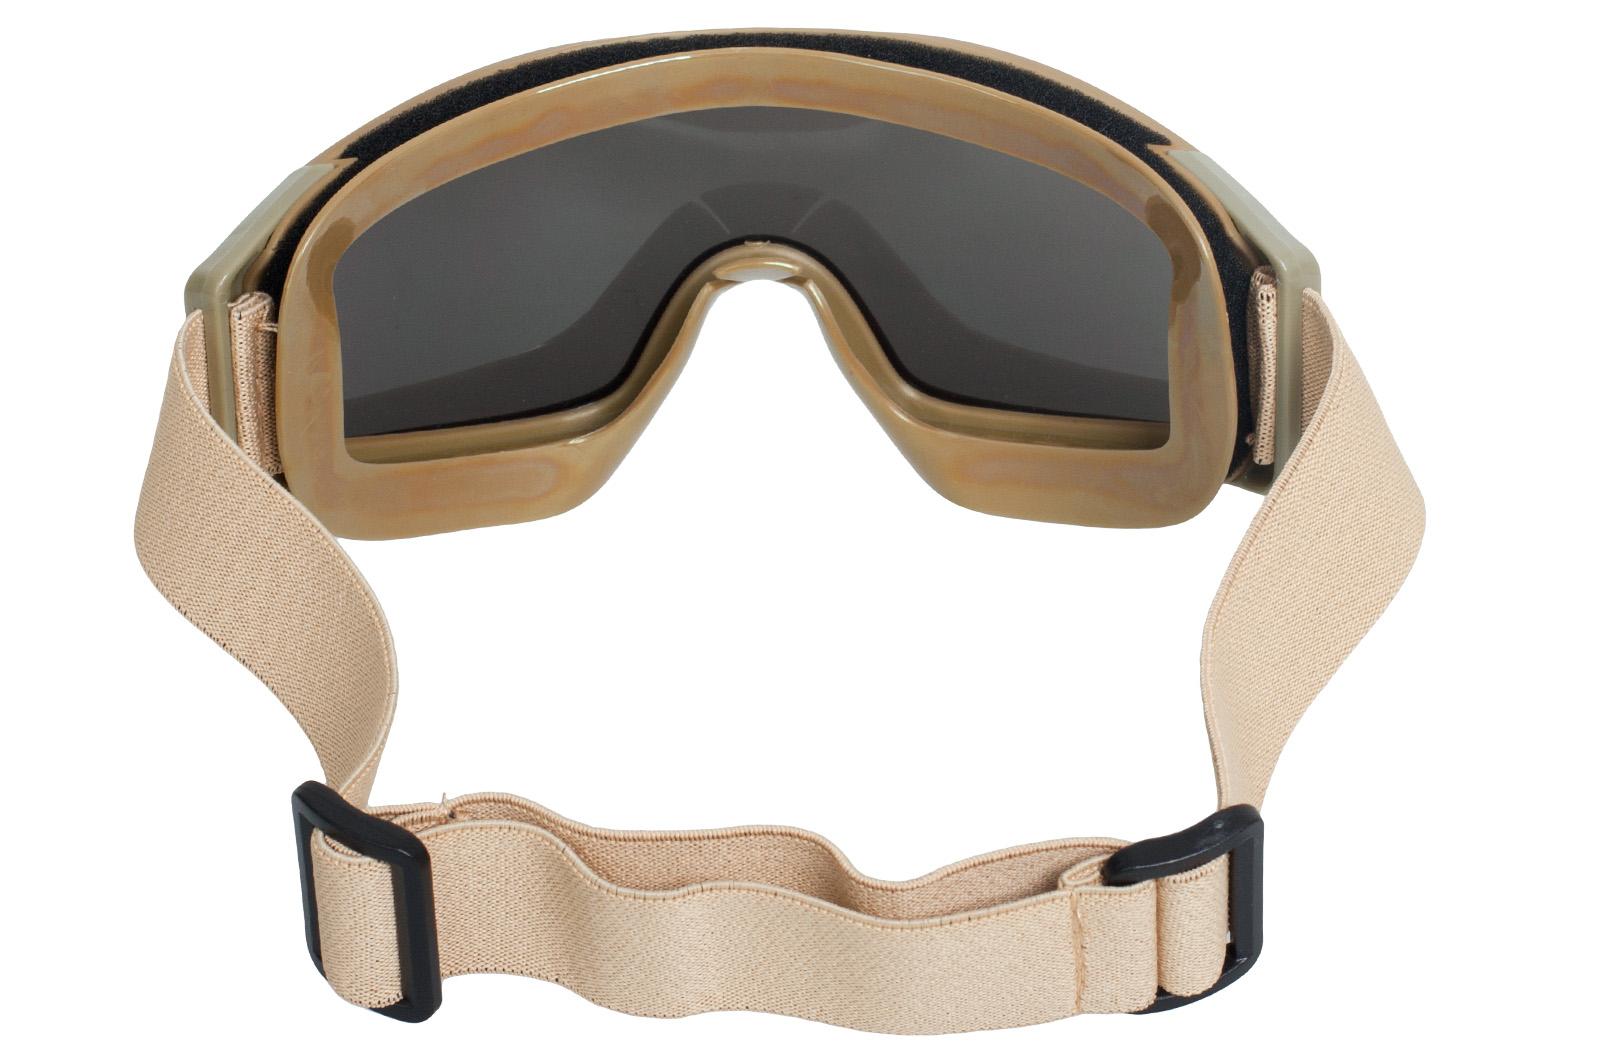 Защитные очки для страйкбола по выгодной цене